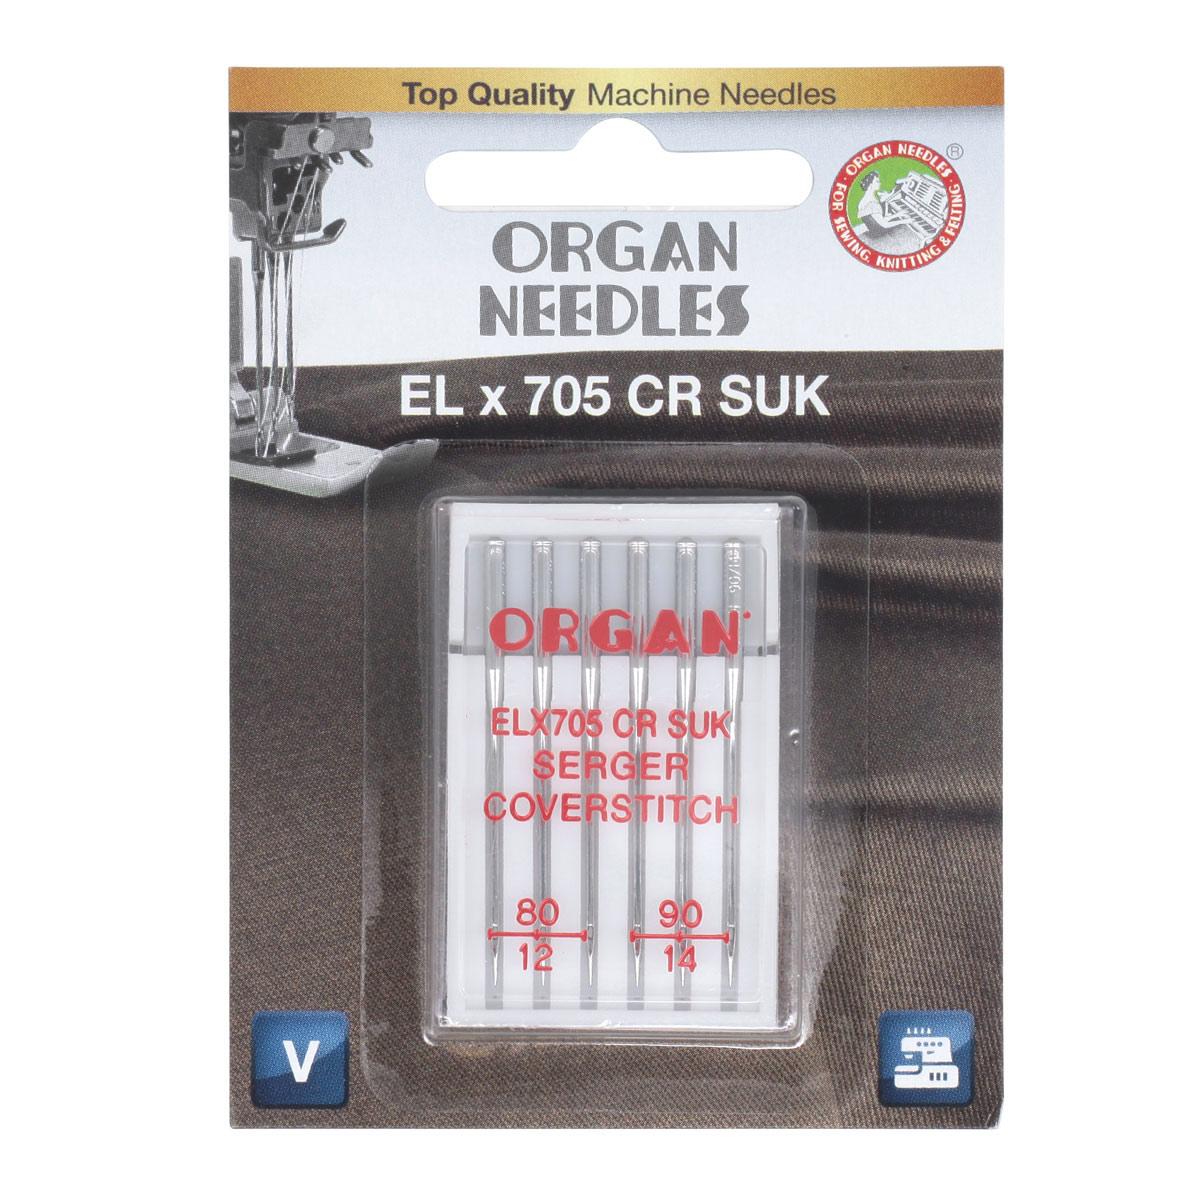 ORGAN иглы EL*705 CR SUK 6/80-90 Blister